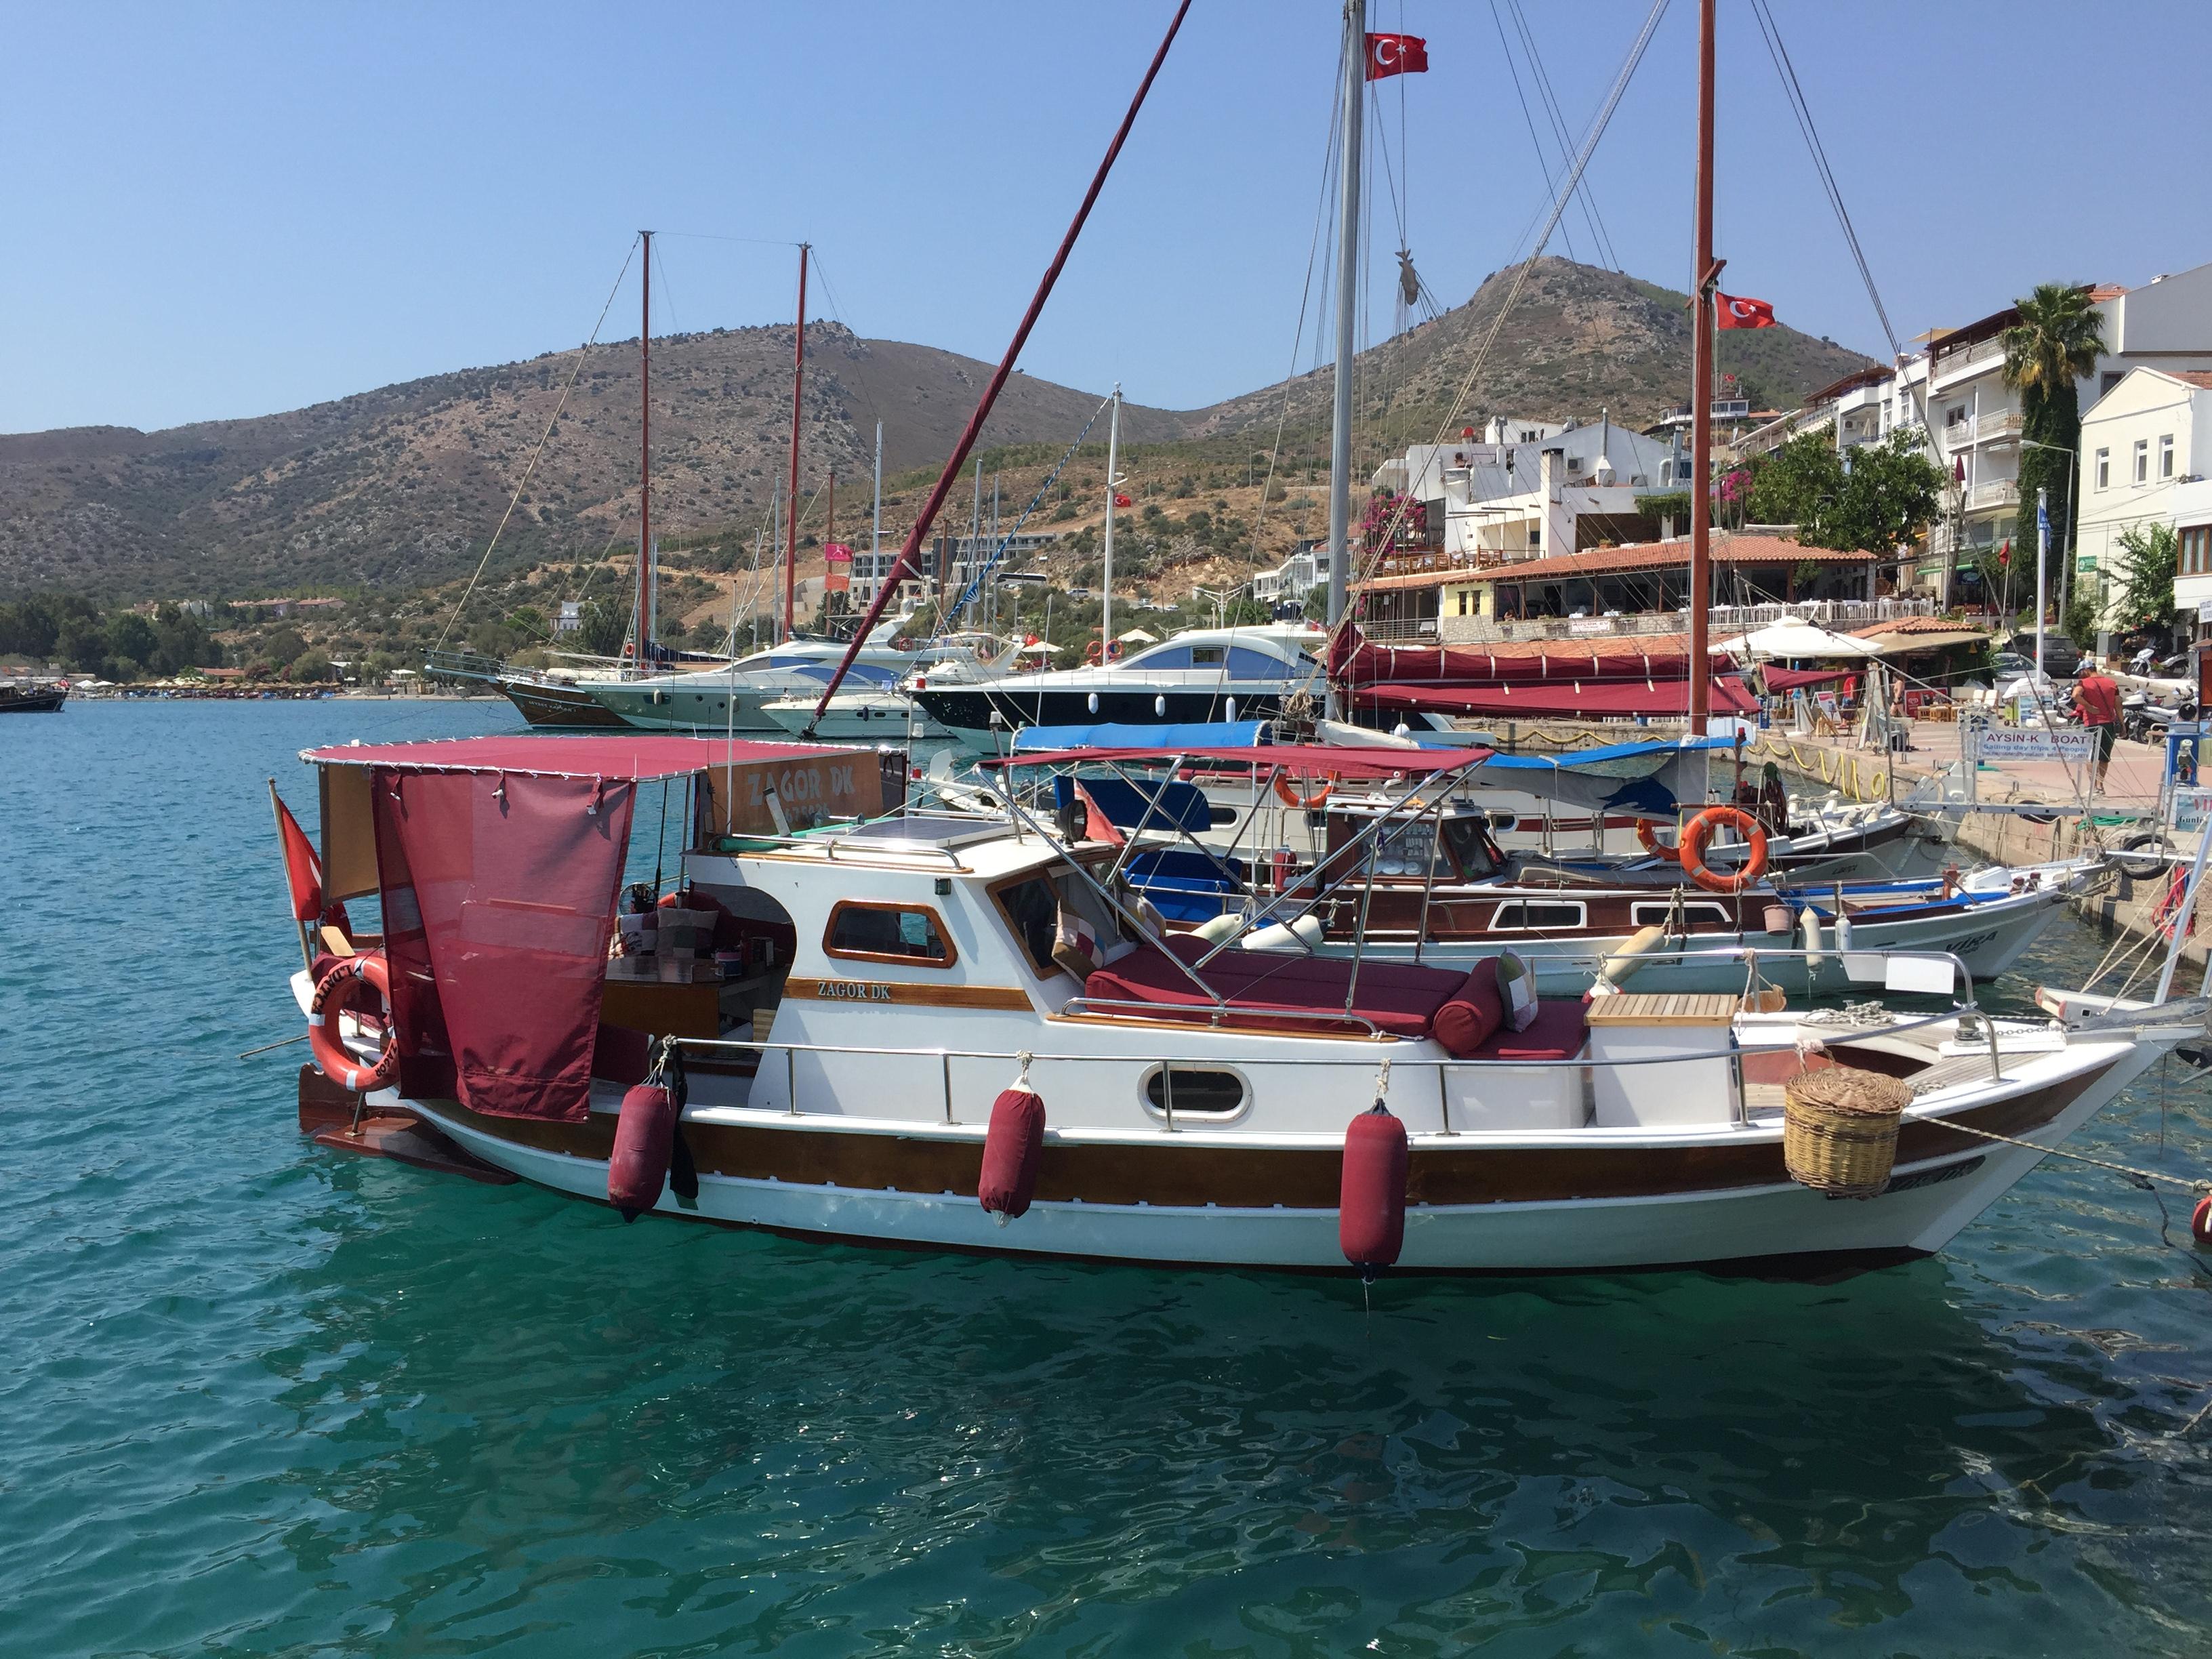 Turkey, Datça harbour. ZAGOR DK